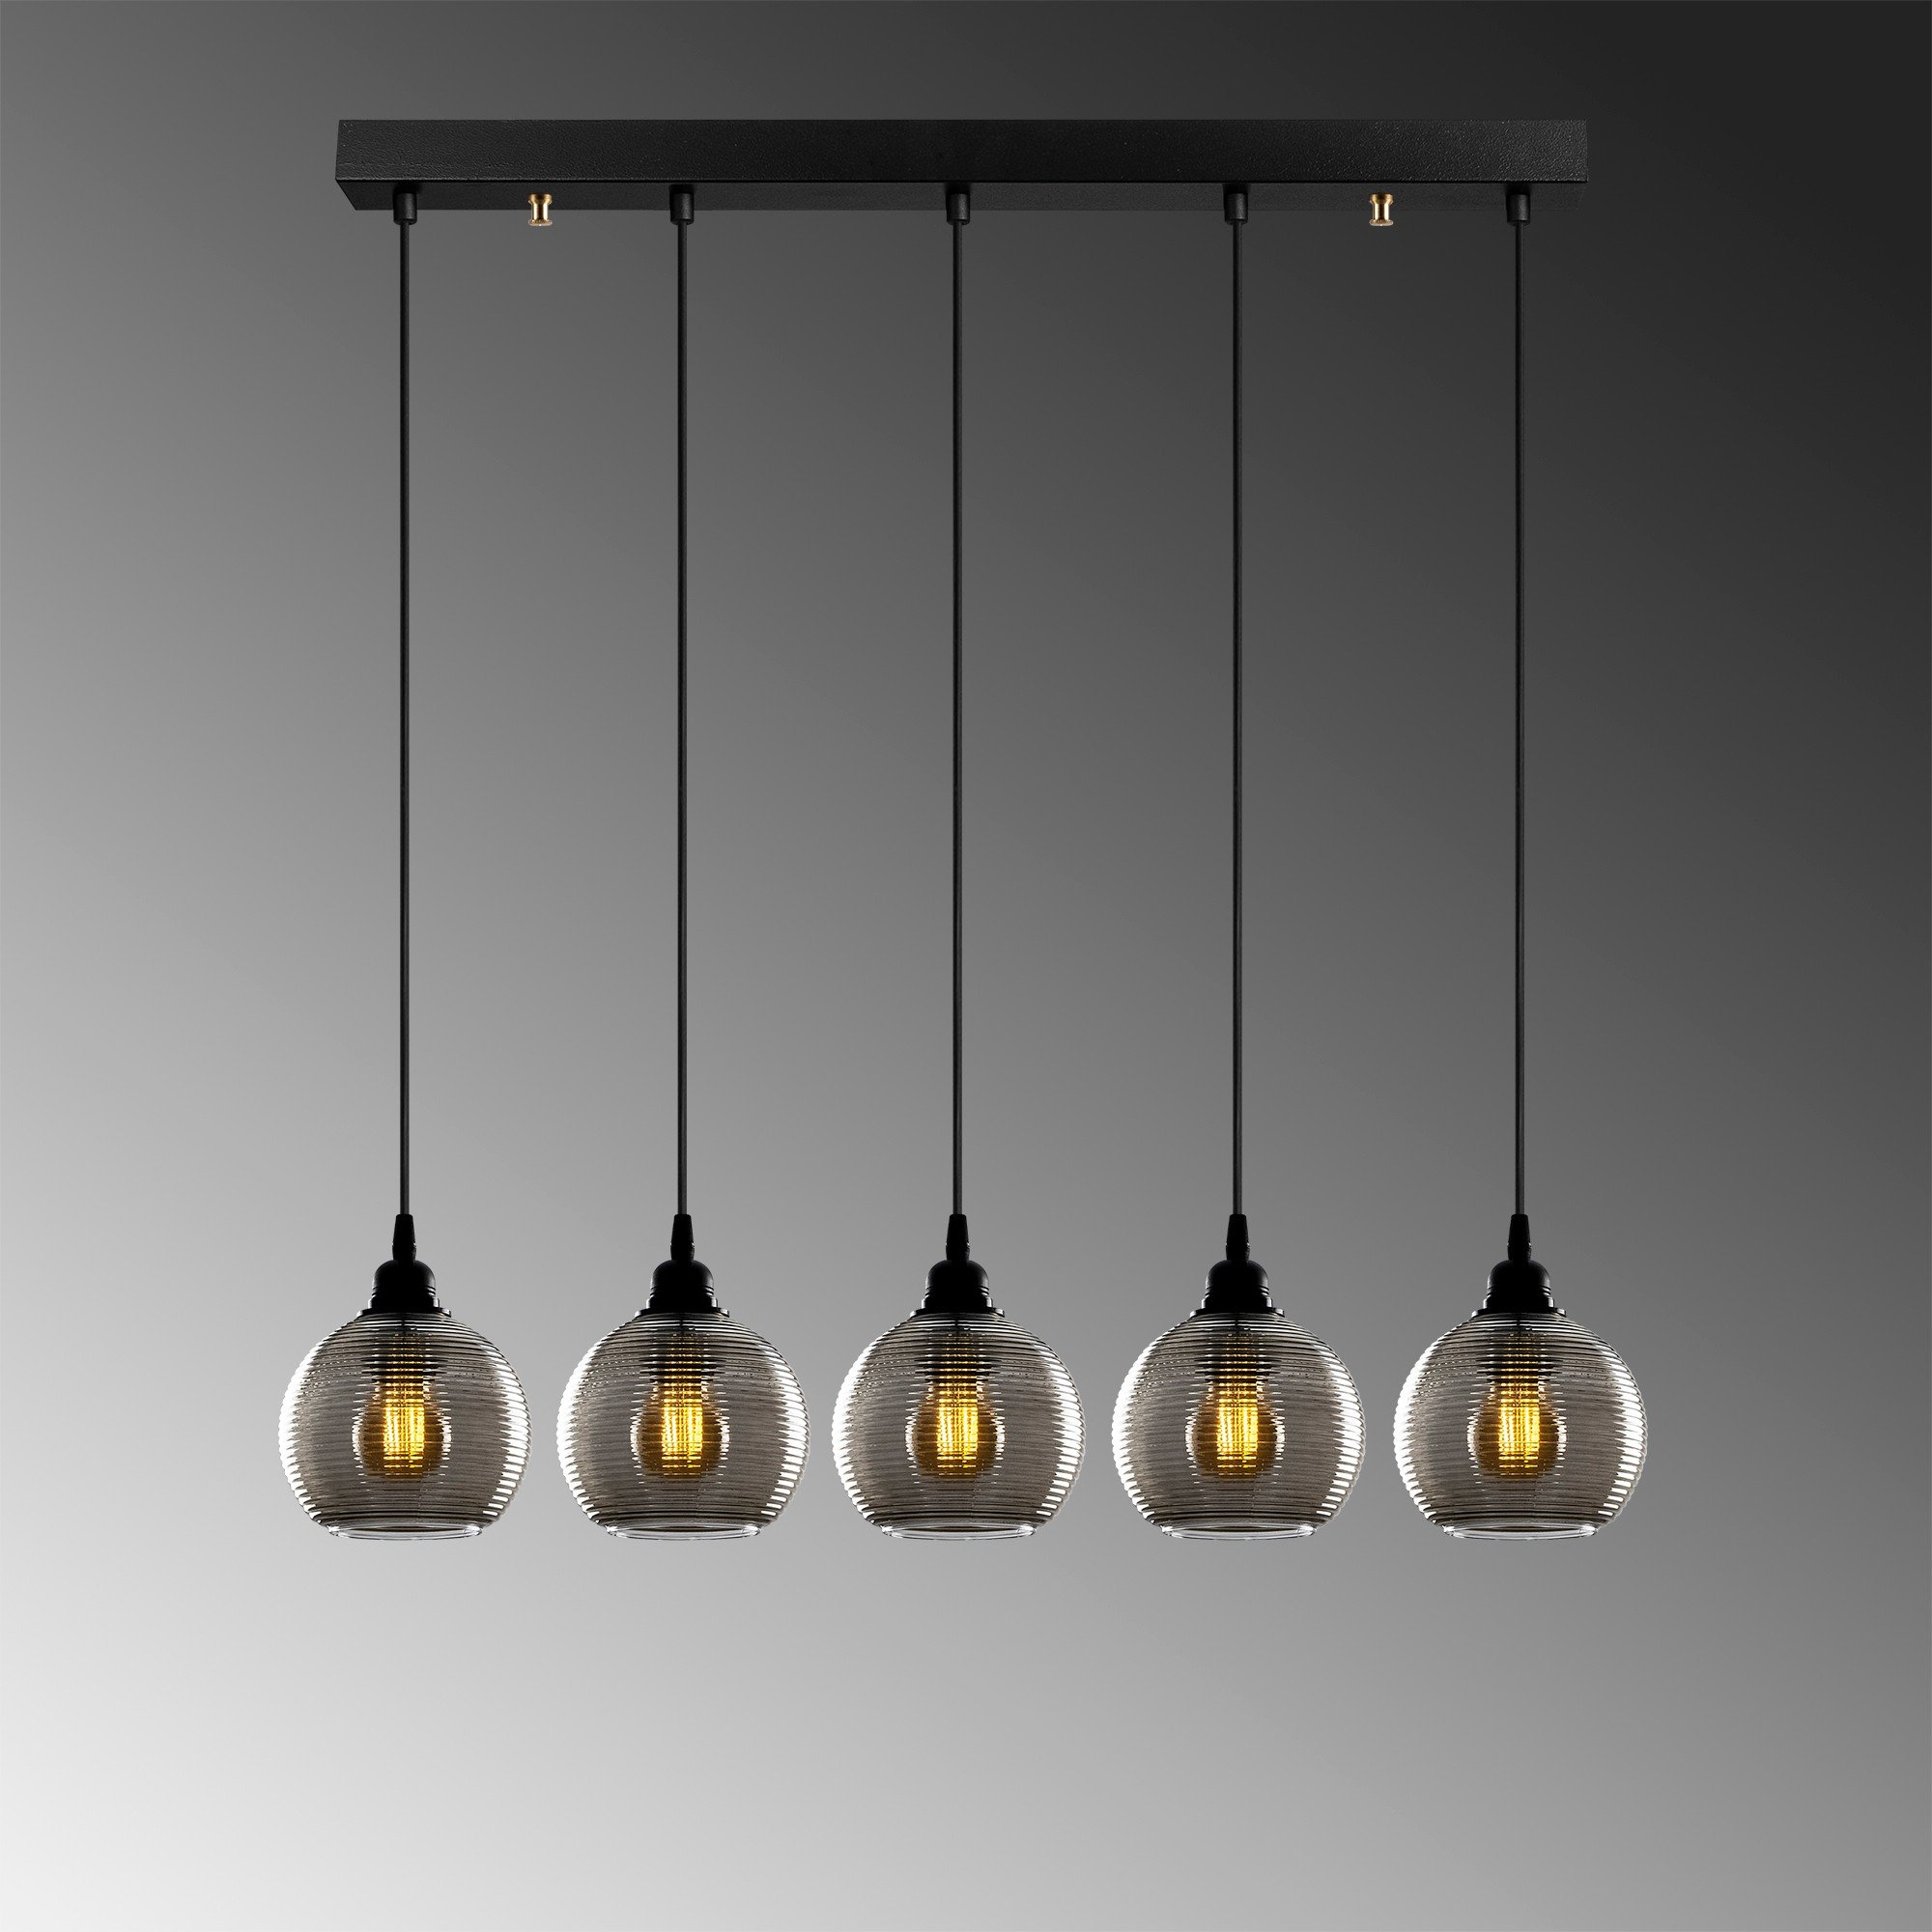 Hanglamp smoked glass lampen zwart 5 keer E27 fitting - grijze achtergrond